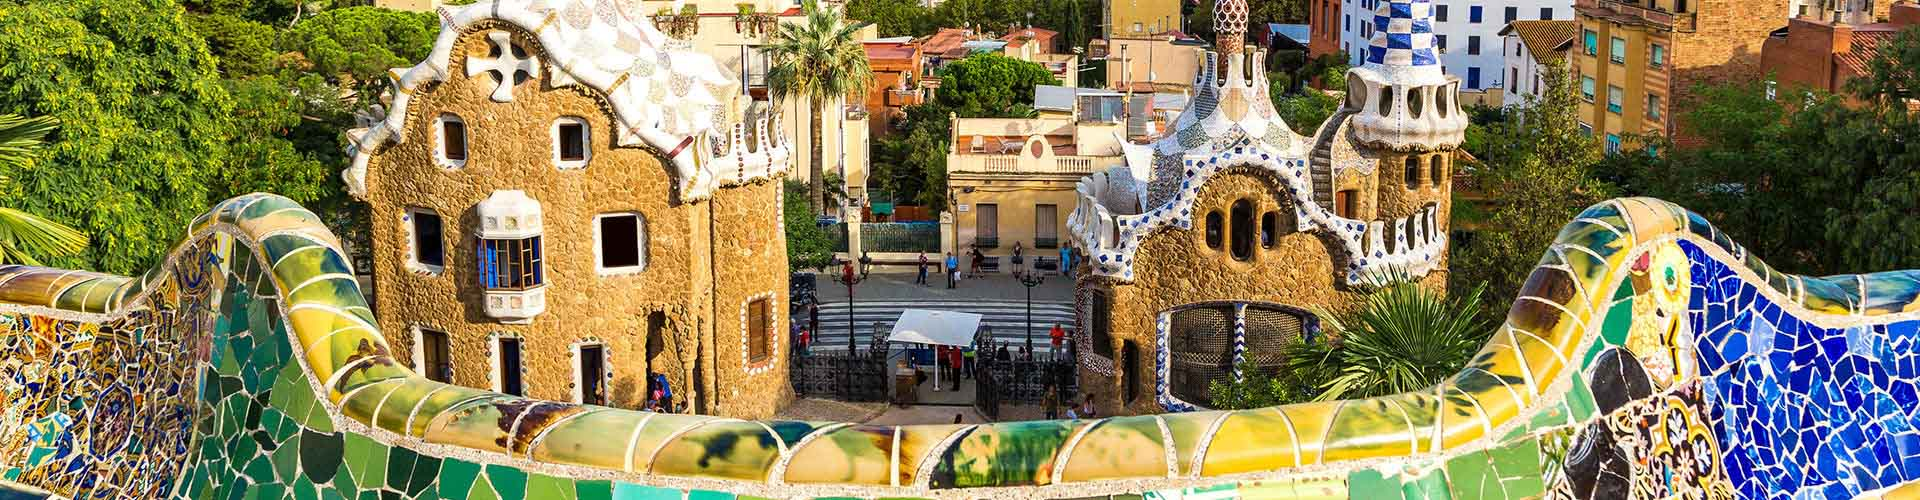 Barcelona - Campamentos cerca a Park Güell. Mapas de Barcelona, Fotos y comentarios de cada Campamento en Barcelona.